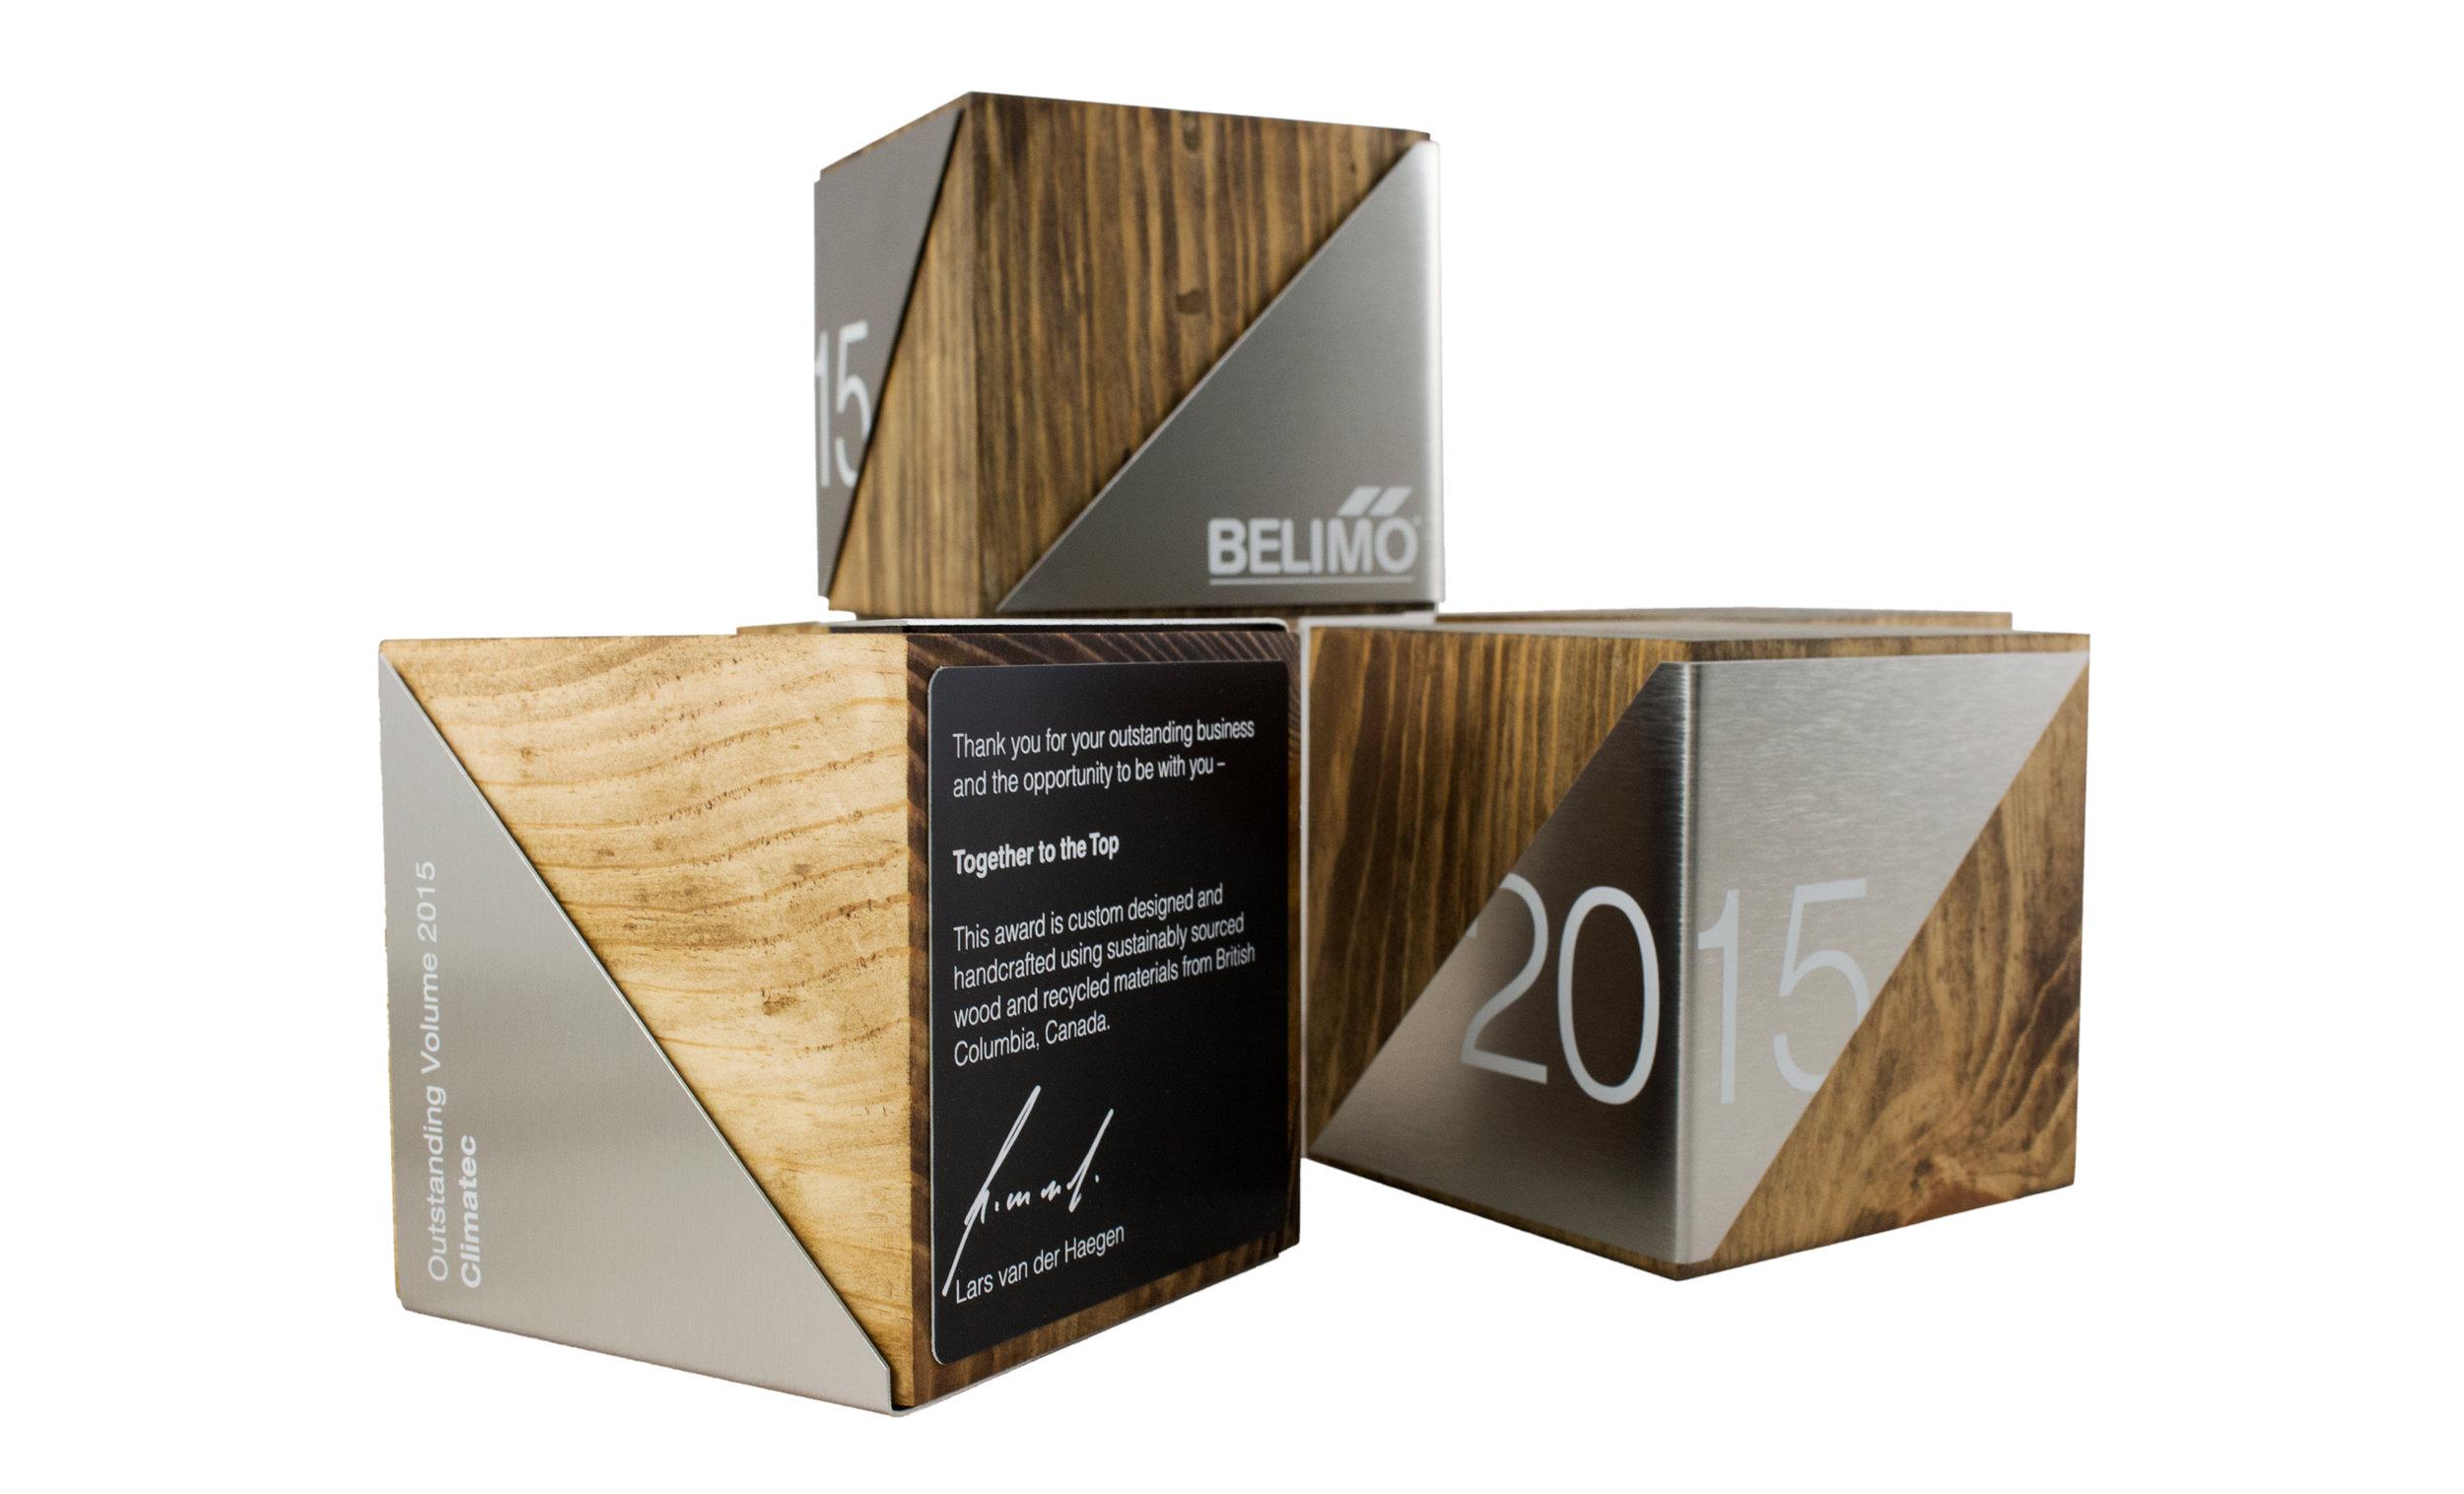 belimo-trophy-pile-BryceEdit.jpg